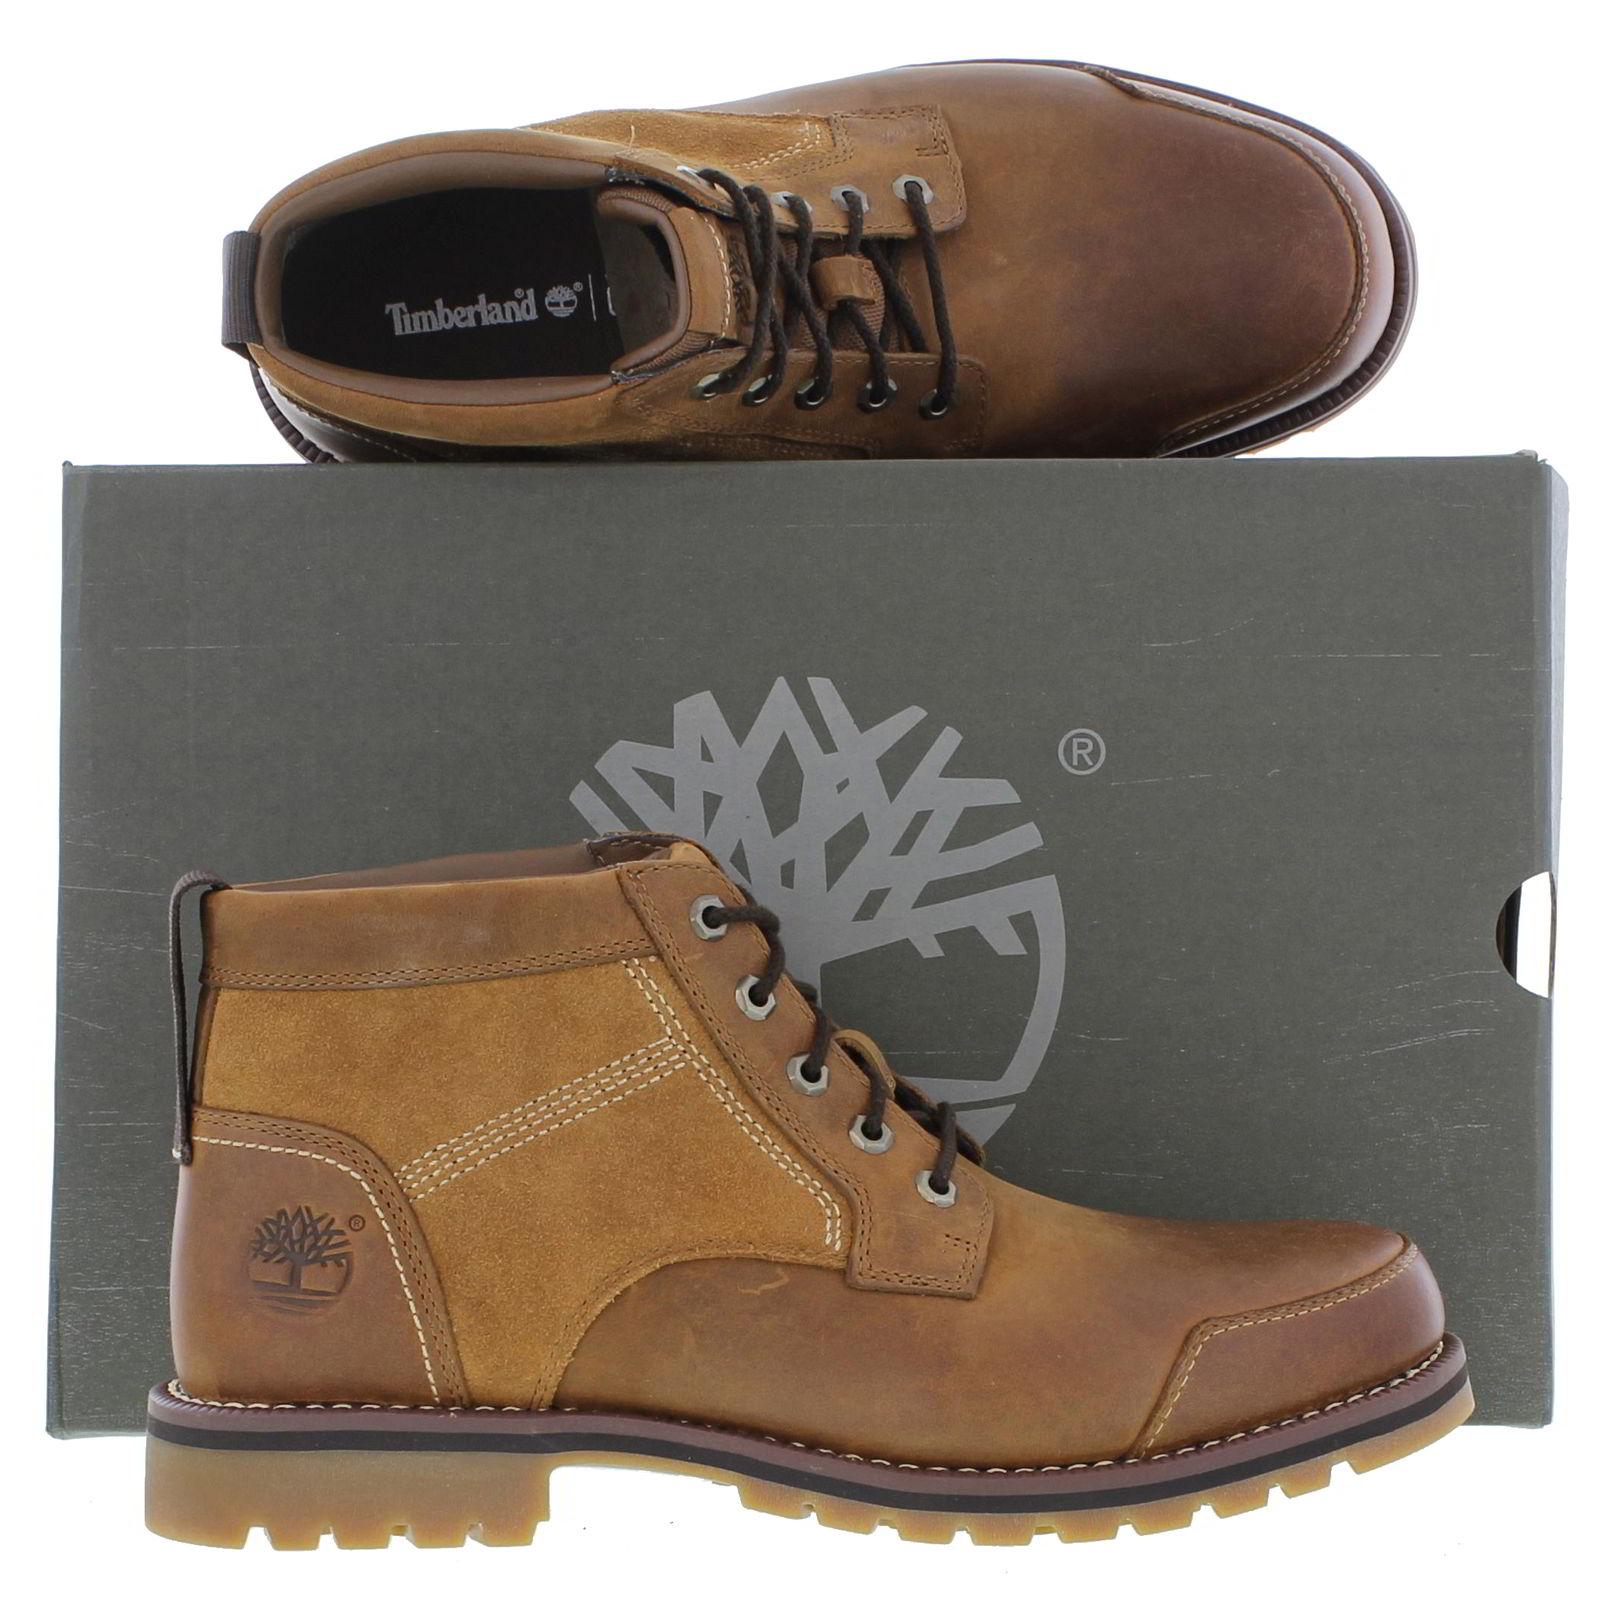 timberland larchmont black chukka boots